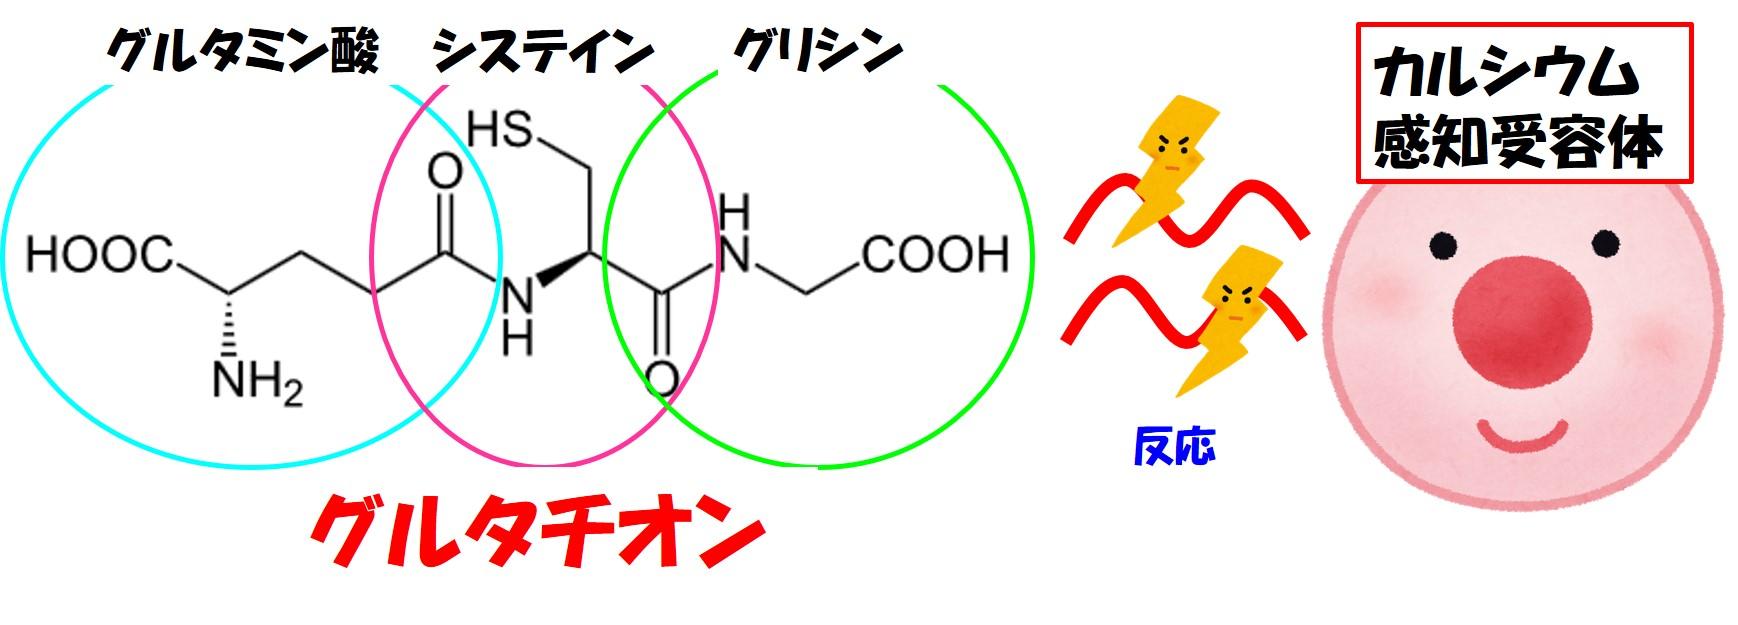 グルタチオンとカルシウム感知受容体